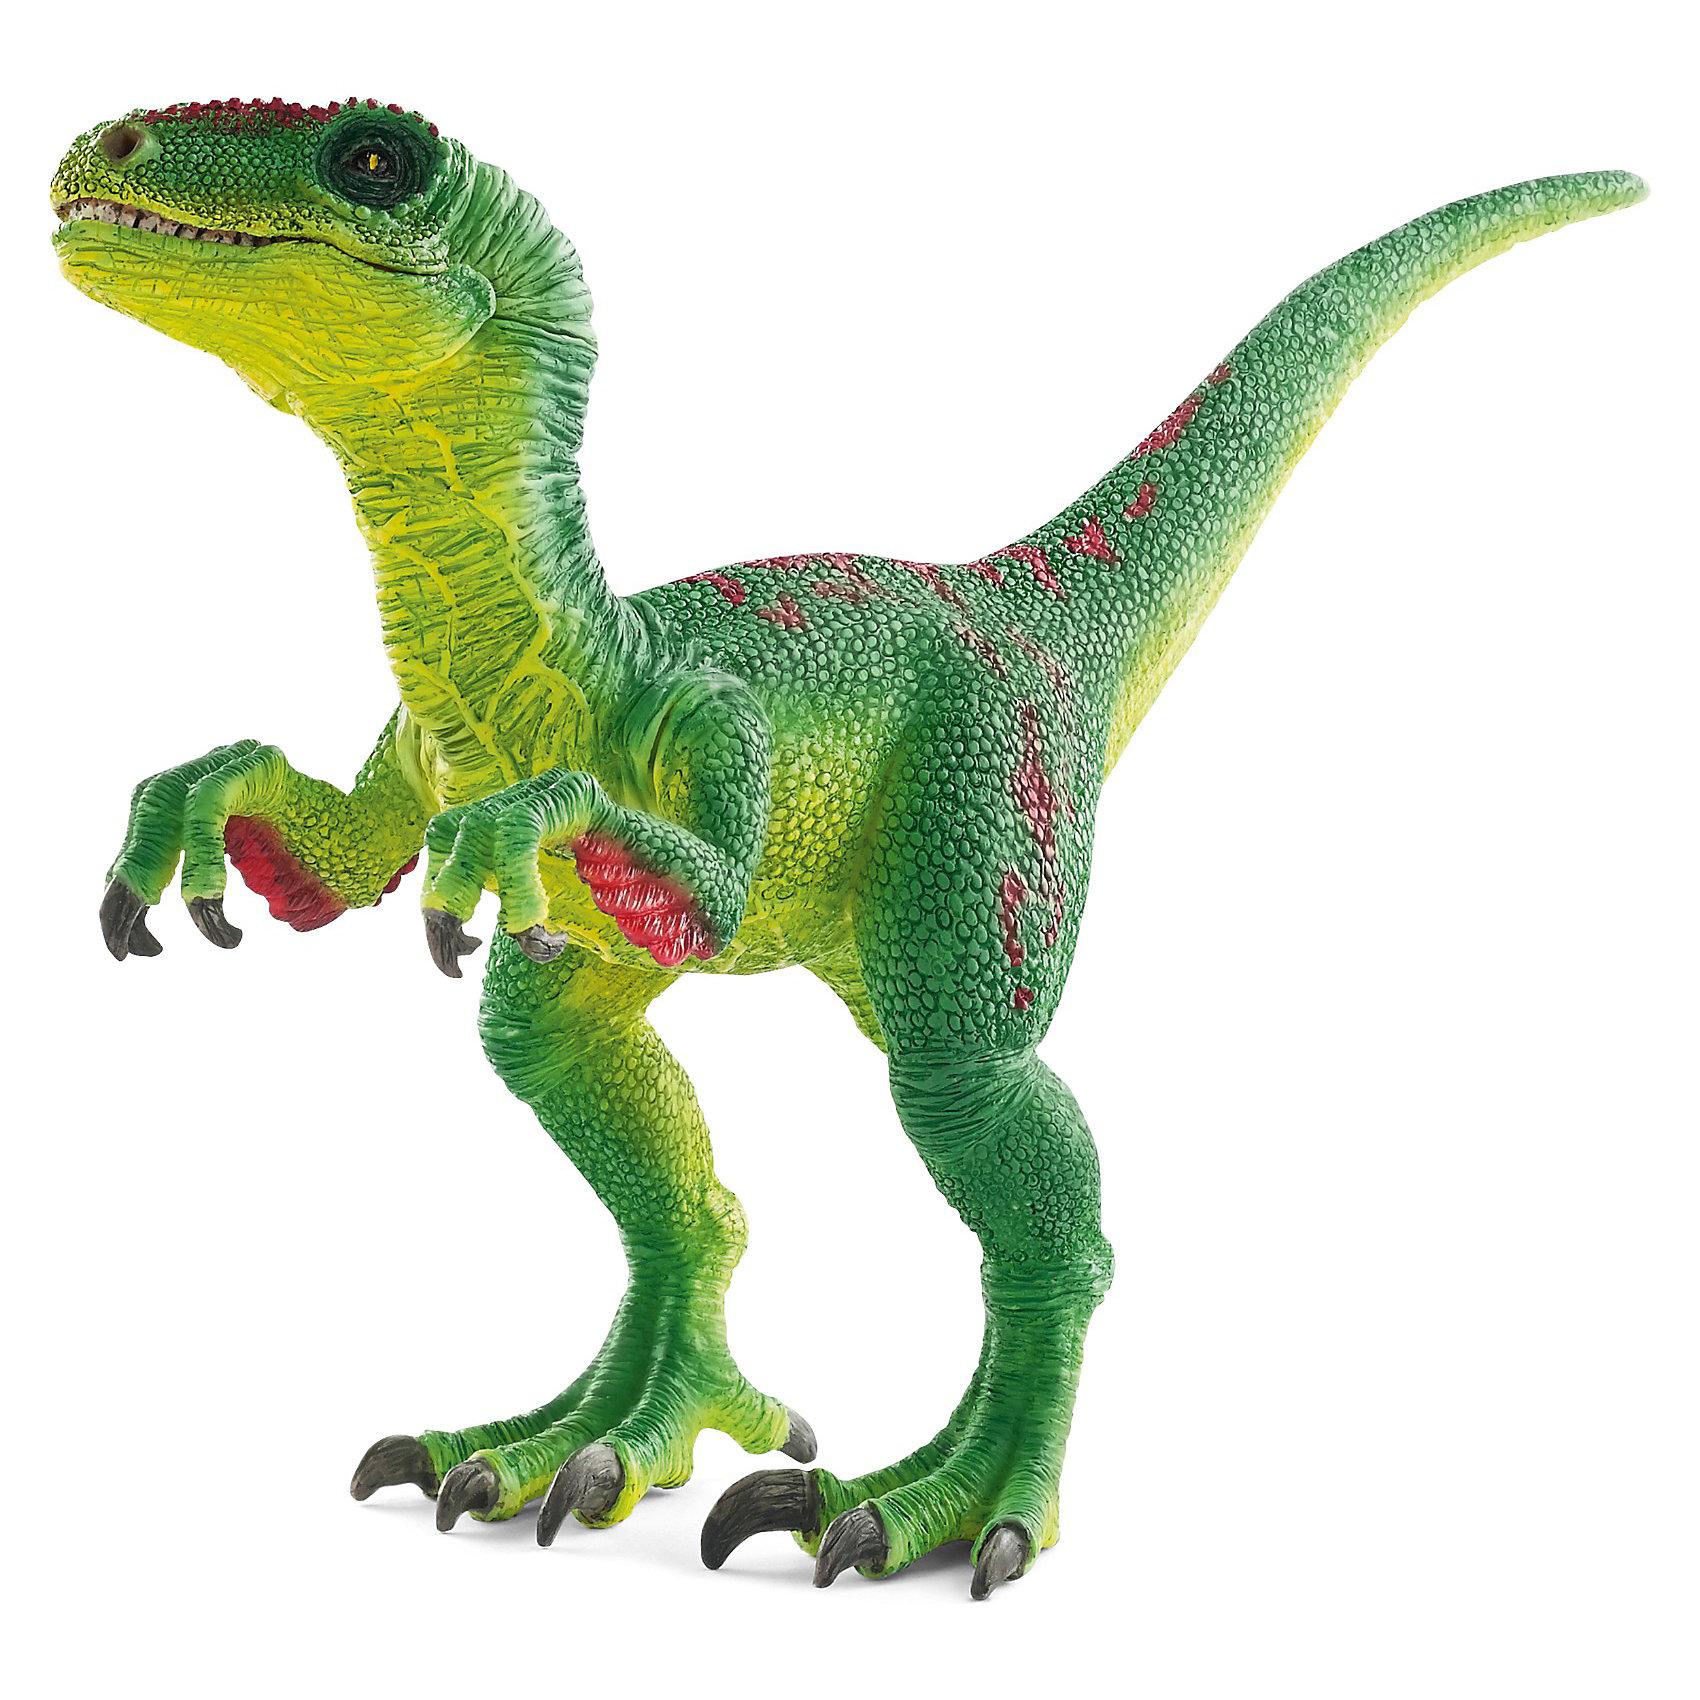 Велоцираптор, SchleichВелоцирапторы - древние хищники, охотившиеся стаями. Эти динозавры обитали на Земле в доисторический период. Быстрый и ловкий велоцираптор не отличался внушительными размерами (всего около 60 см в высоту), однако, у него на обоих ногах имелся большой серповидный коготь длиной до 7.5 см, который помогал ему добывать пищу и обороняться.<br>Эти динозавры могли бегать со скоростью до 65 километров в час, а хвост они использовали для выполнения скоростных маневров. В пасти этого динозавра было до восьмидесяти острых и изогнутых зубов длиною до 2,5 сантиметров.  <br>Изящный динозавр зеленого цвета, стоящий на задних лапах, станет достойным пополнением уникальной коллекции фигурок Schleich. У фигурки подвижная нижняя челюсть и передние лапы, что позволяет устраивать увлекательные игры с забавными существами.<br><br>Дополнительная информация:<br><br>- Размер: 5,1 x 15,7 x 10,2 см<br>- Материал: каучуковый пластик<br><br>Фигурку Велоцираптора, Schleich (Шляйх) можно купить в нашем магазине.<br><br>Ширина мм: 113<br>Глубина мм: 118<br>Высота мм: 56<br>Вес г: 60<br>Возраст от месяцев: 36<br>Возраст до месяцев: 96<br>Пол: Мужской<br>Возраст: Детский<br>SKU: 3539484